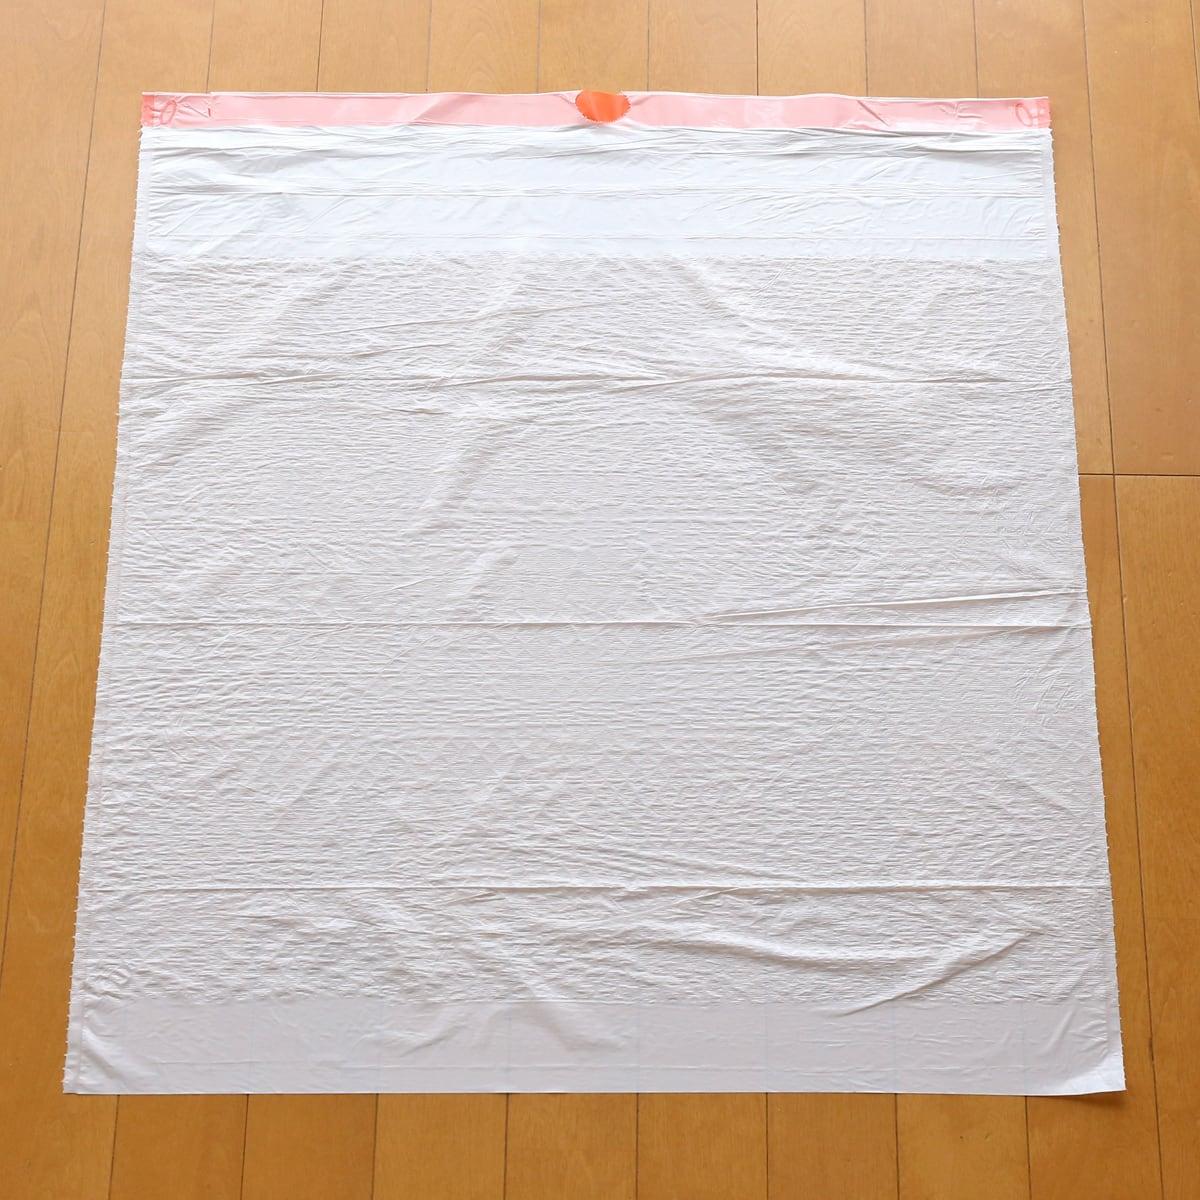 カークランドシグネチャー キッチンバッグ ひも付きゴミ袋 1枚(広げた)